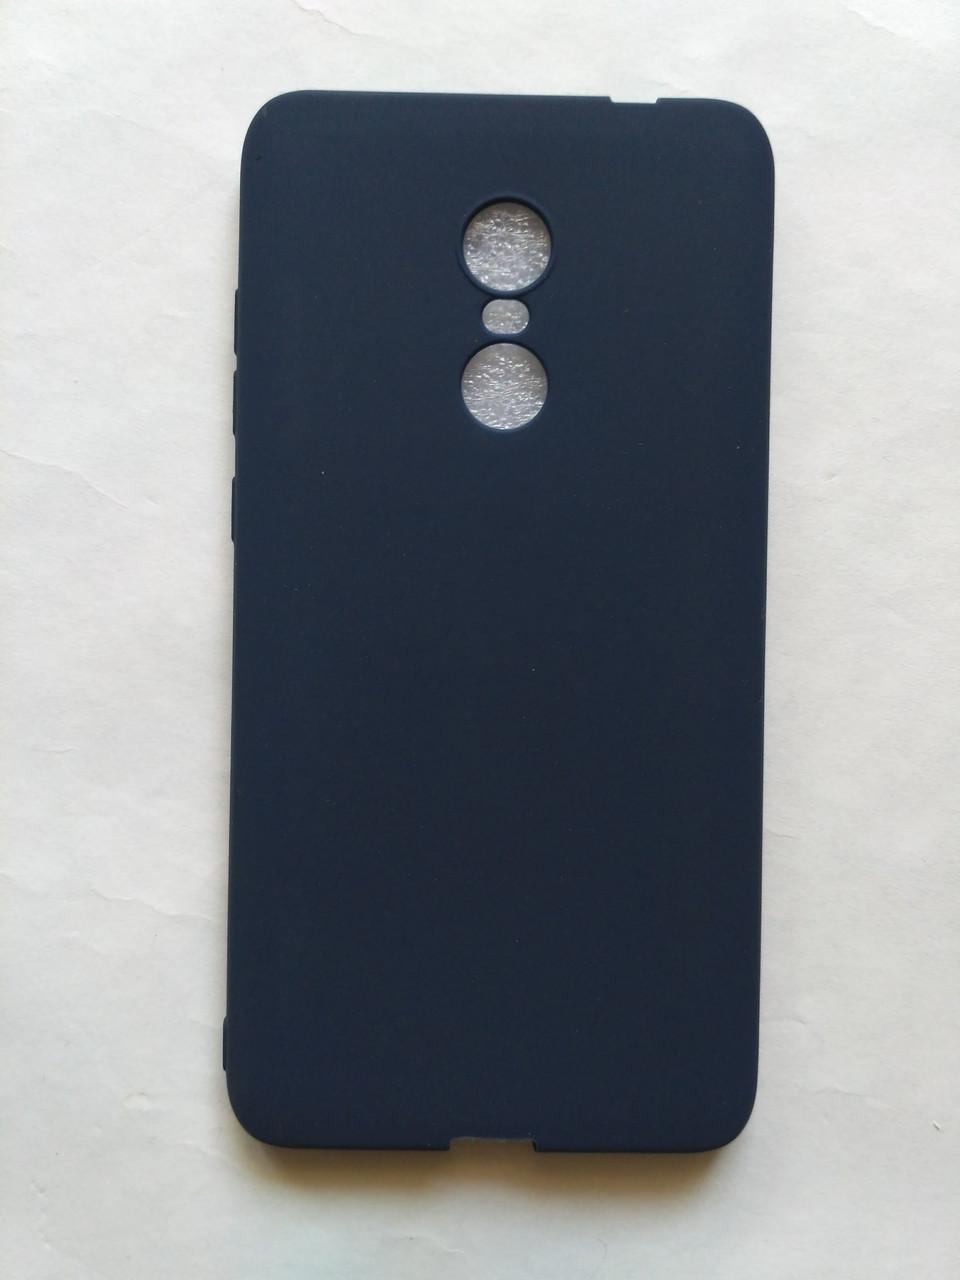 Силиконовый чехол для Xiaomi Redmi Note 4 темно синий матовый